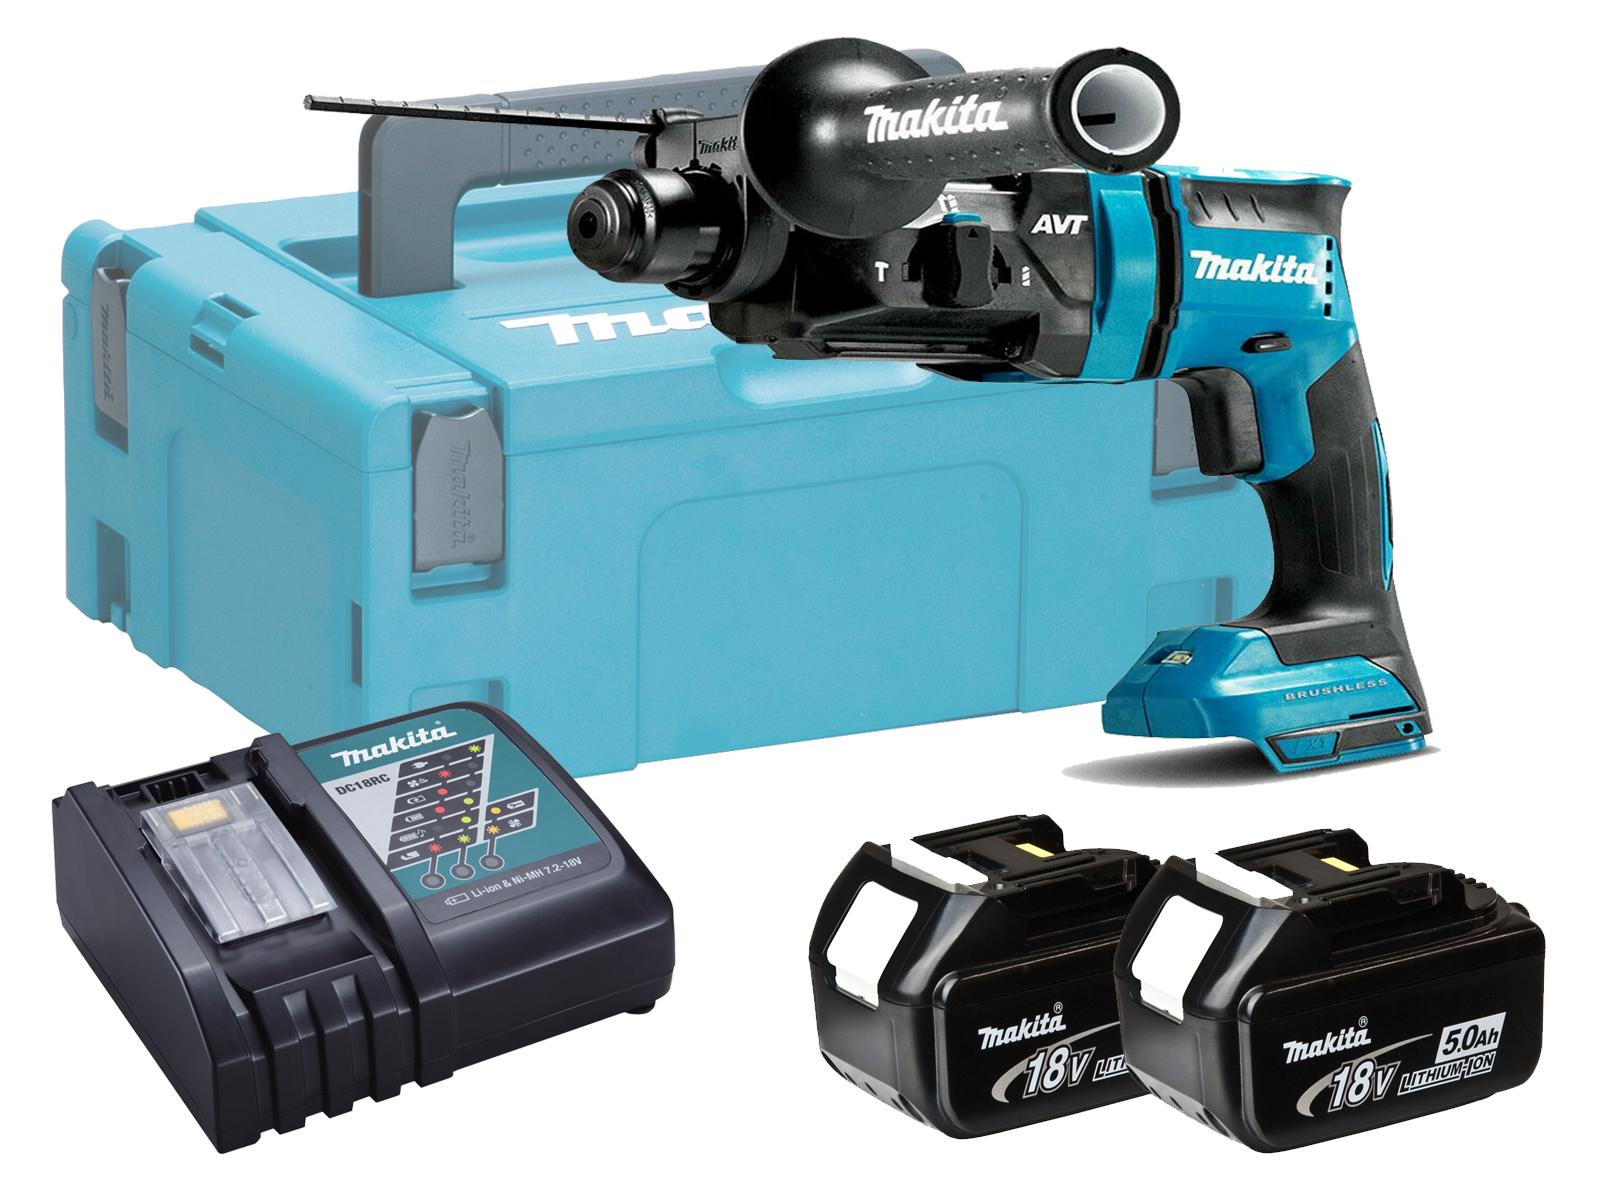 Makita 18V Brushless 3-Mode SDS+ Hammer Drill - DHR182 - 5.0Ah Pack